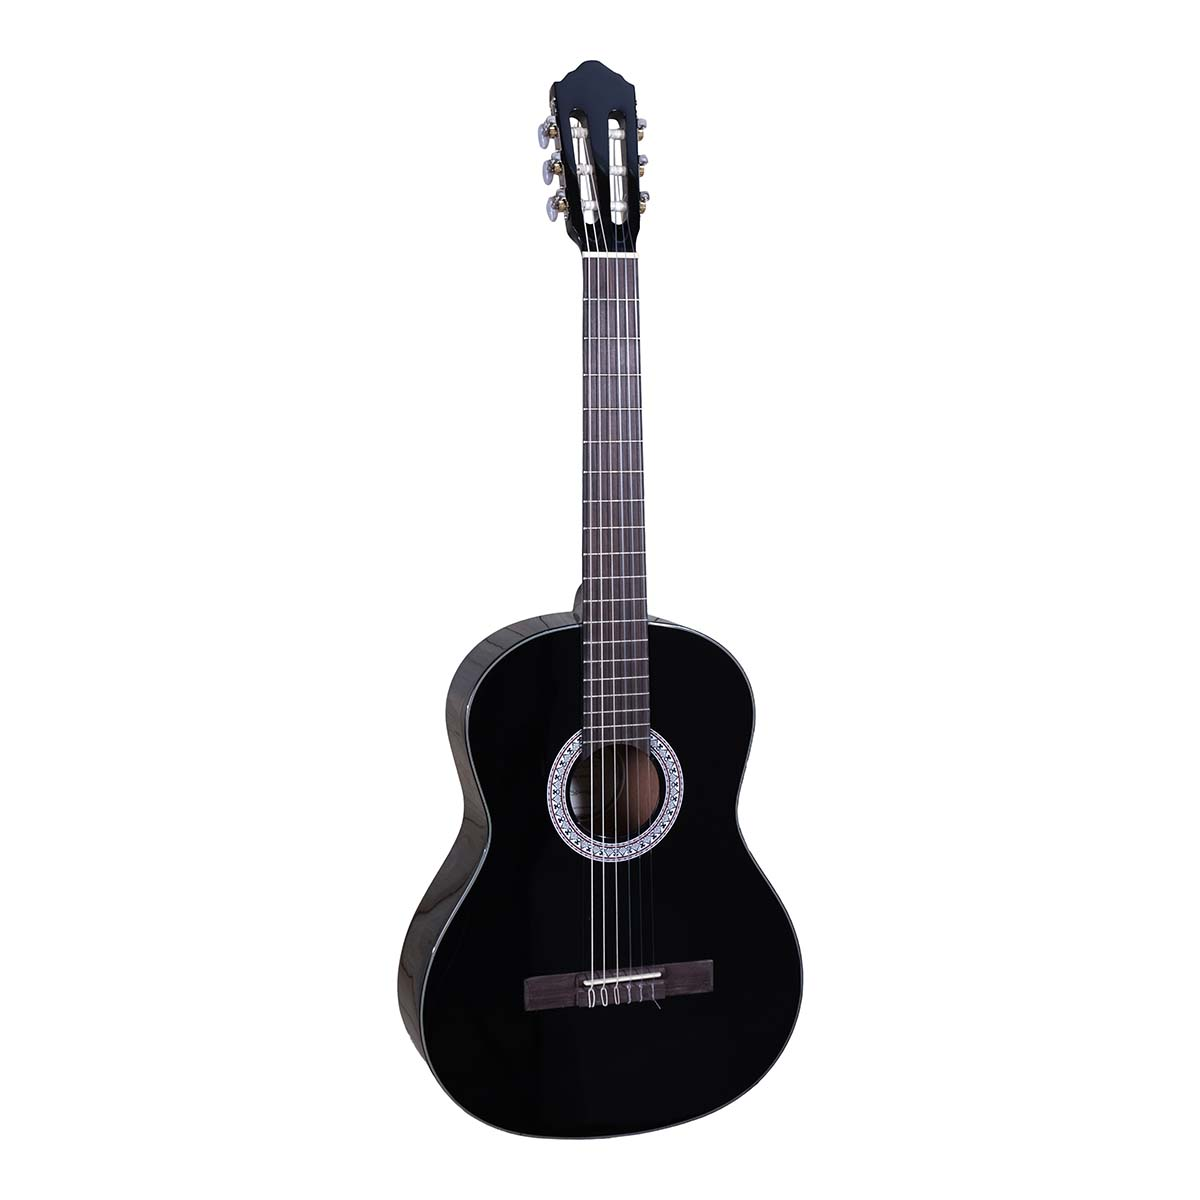 Santana B8 BK v2 spansk-guitar sort